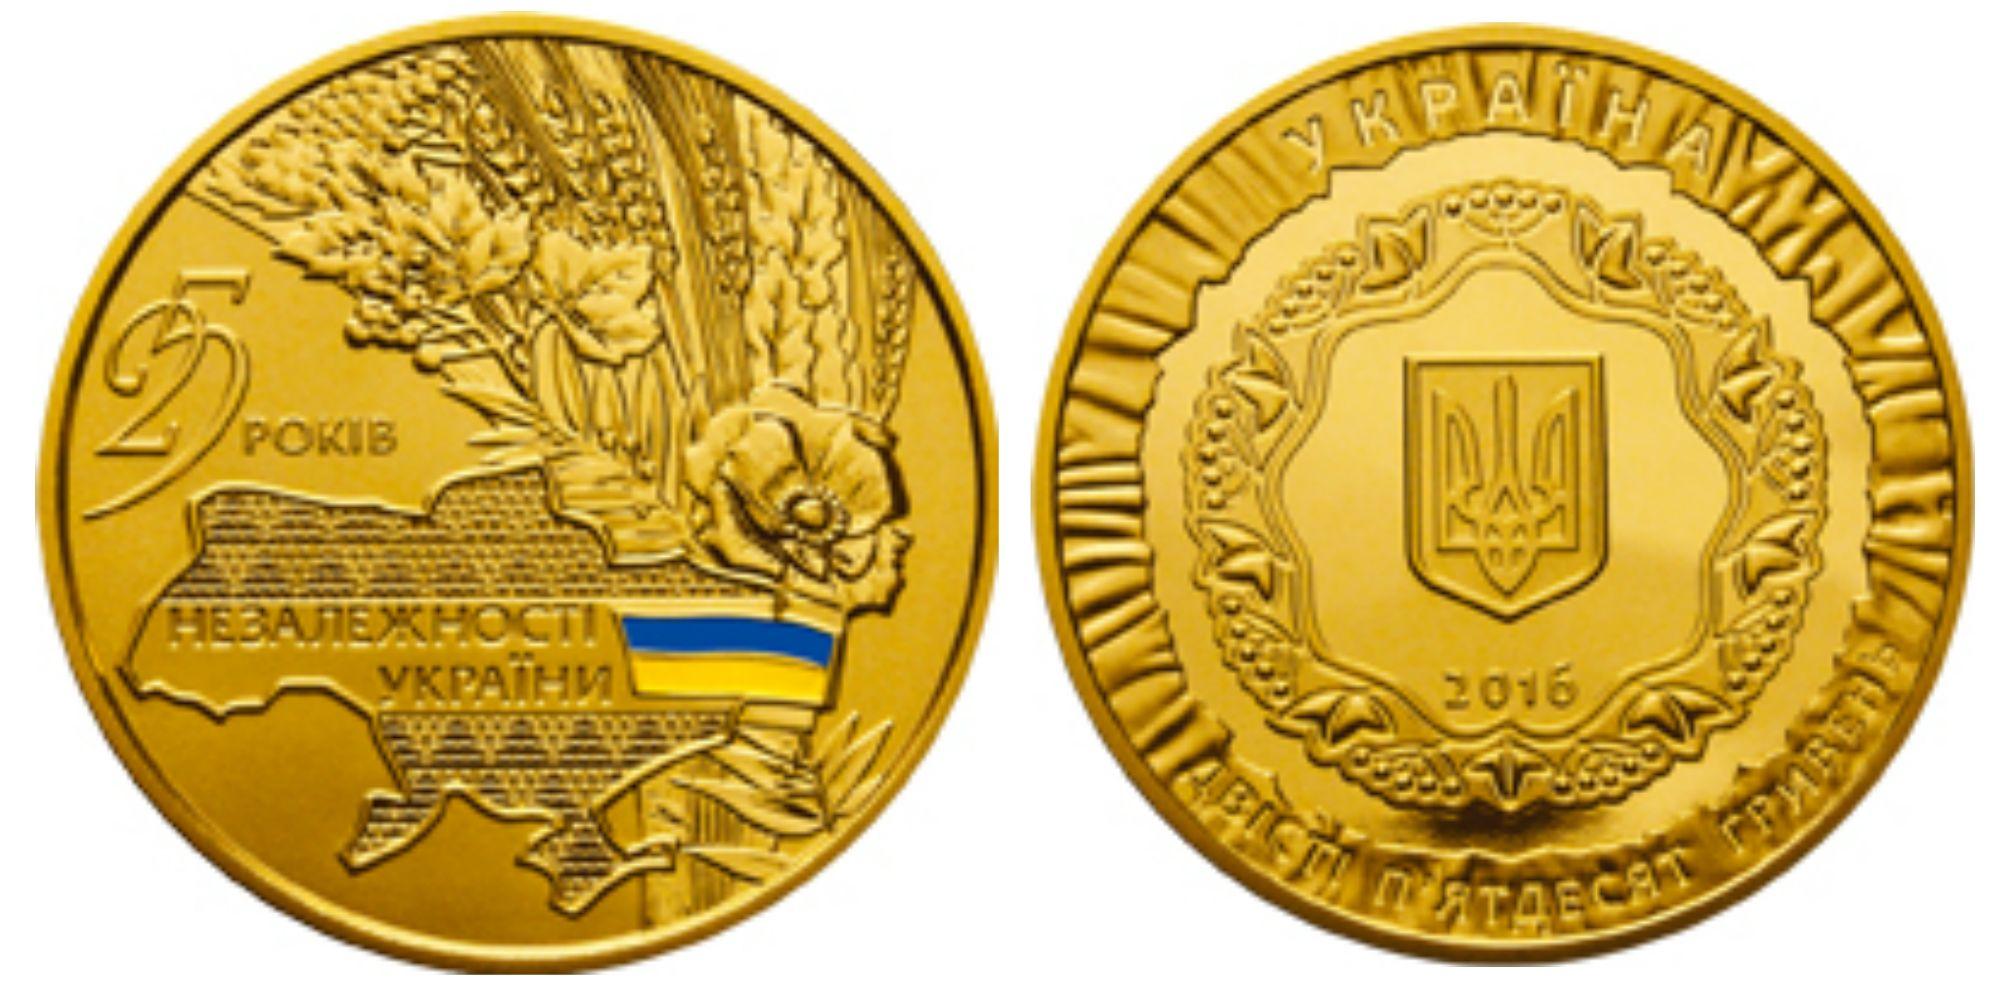 монета 25 років незалежності України золото